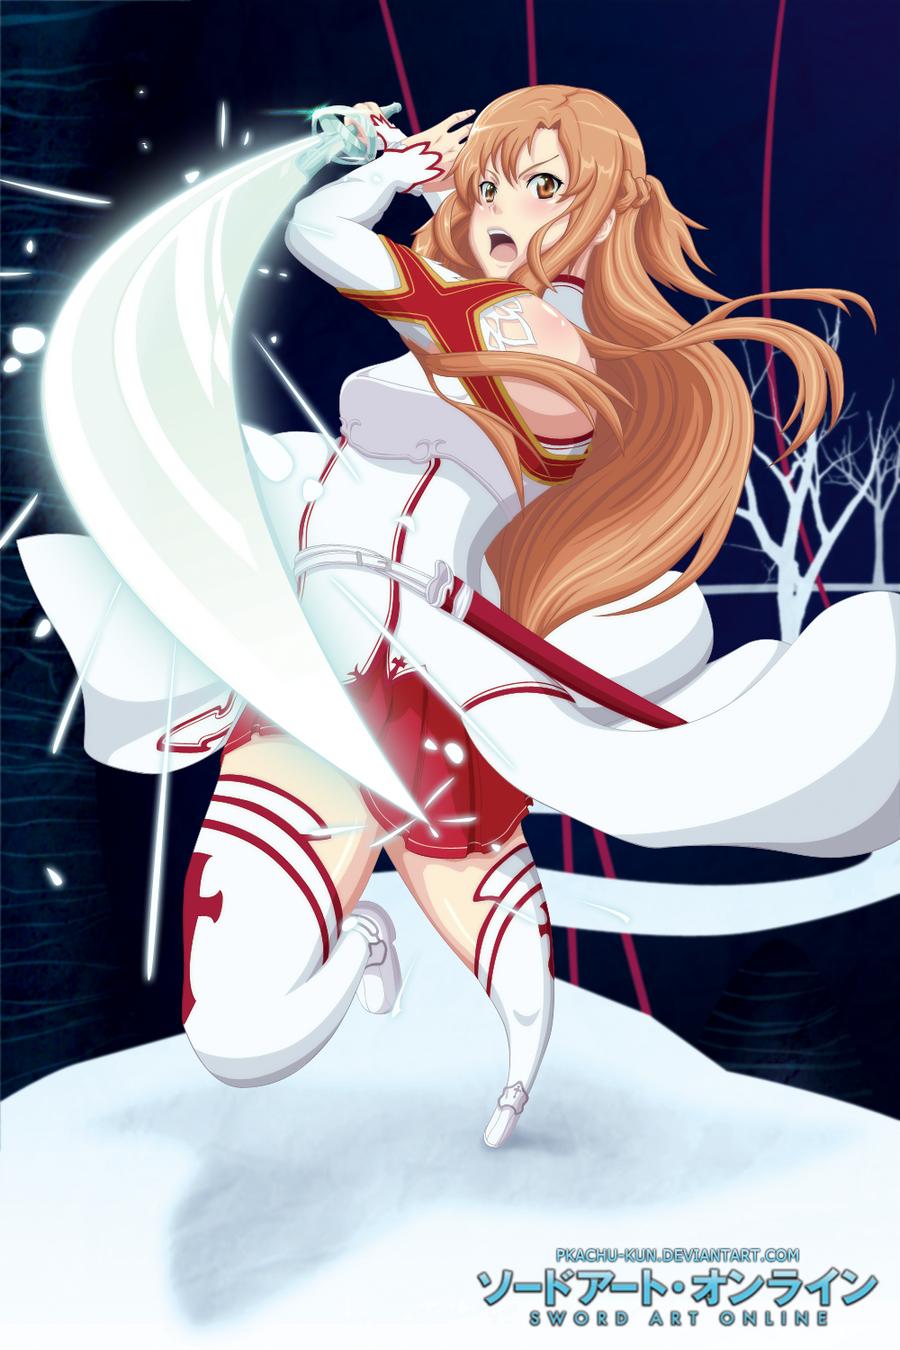 Asuna by pkachu-kun